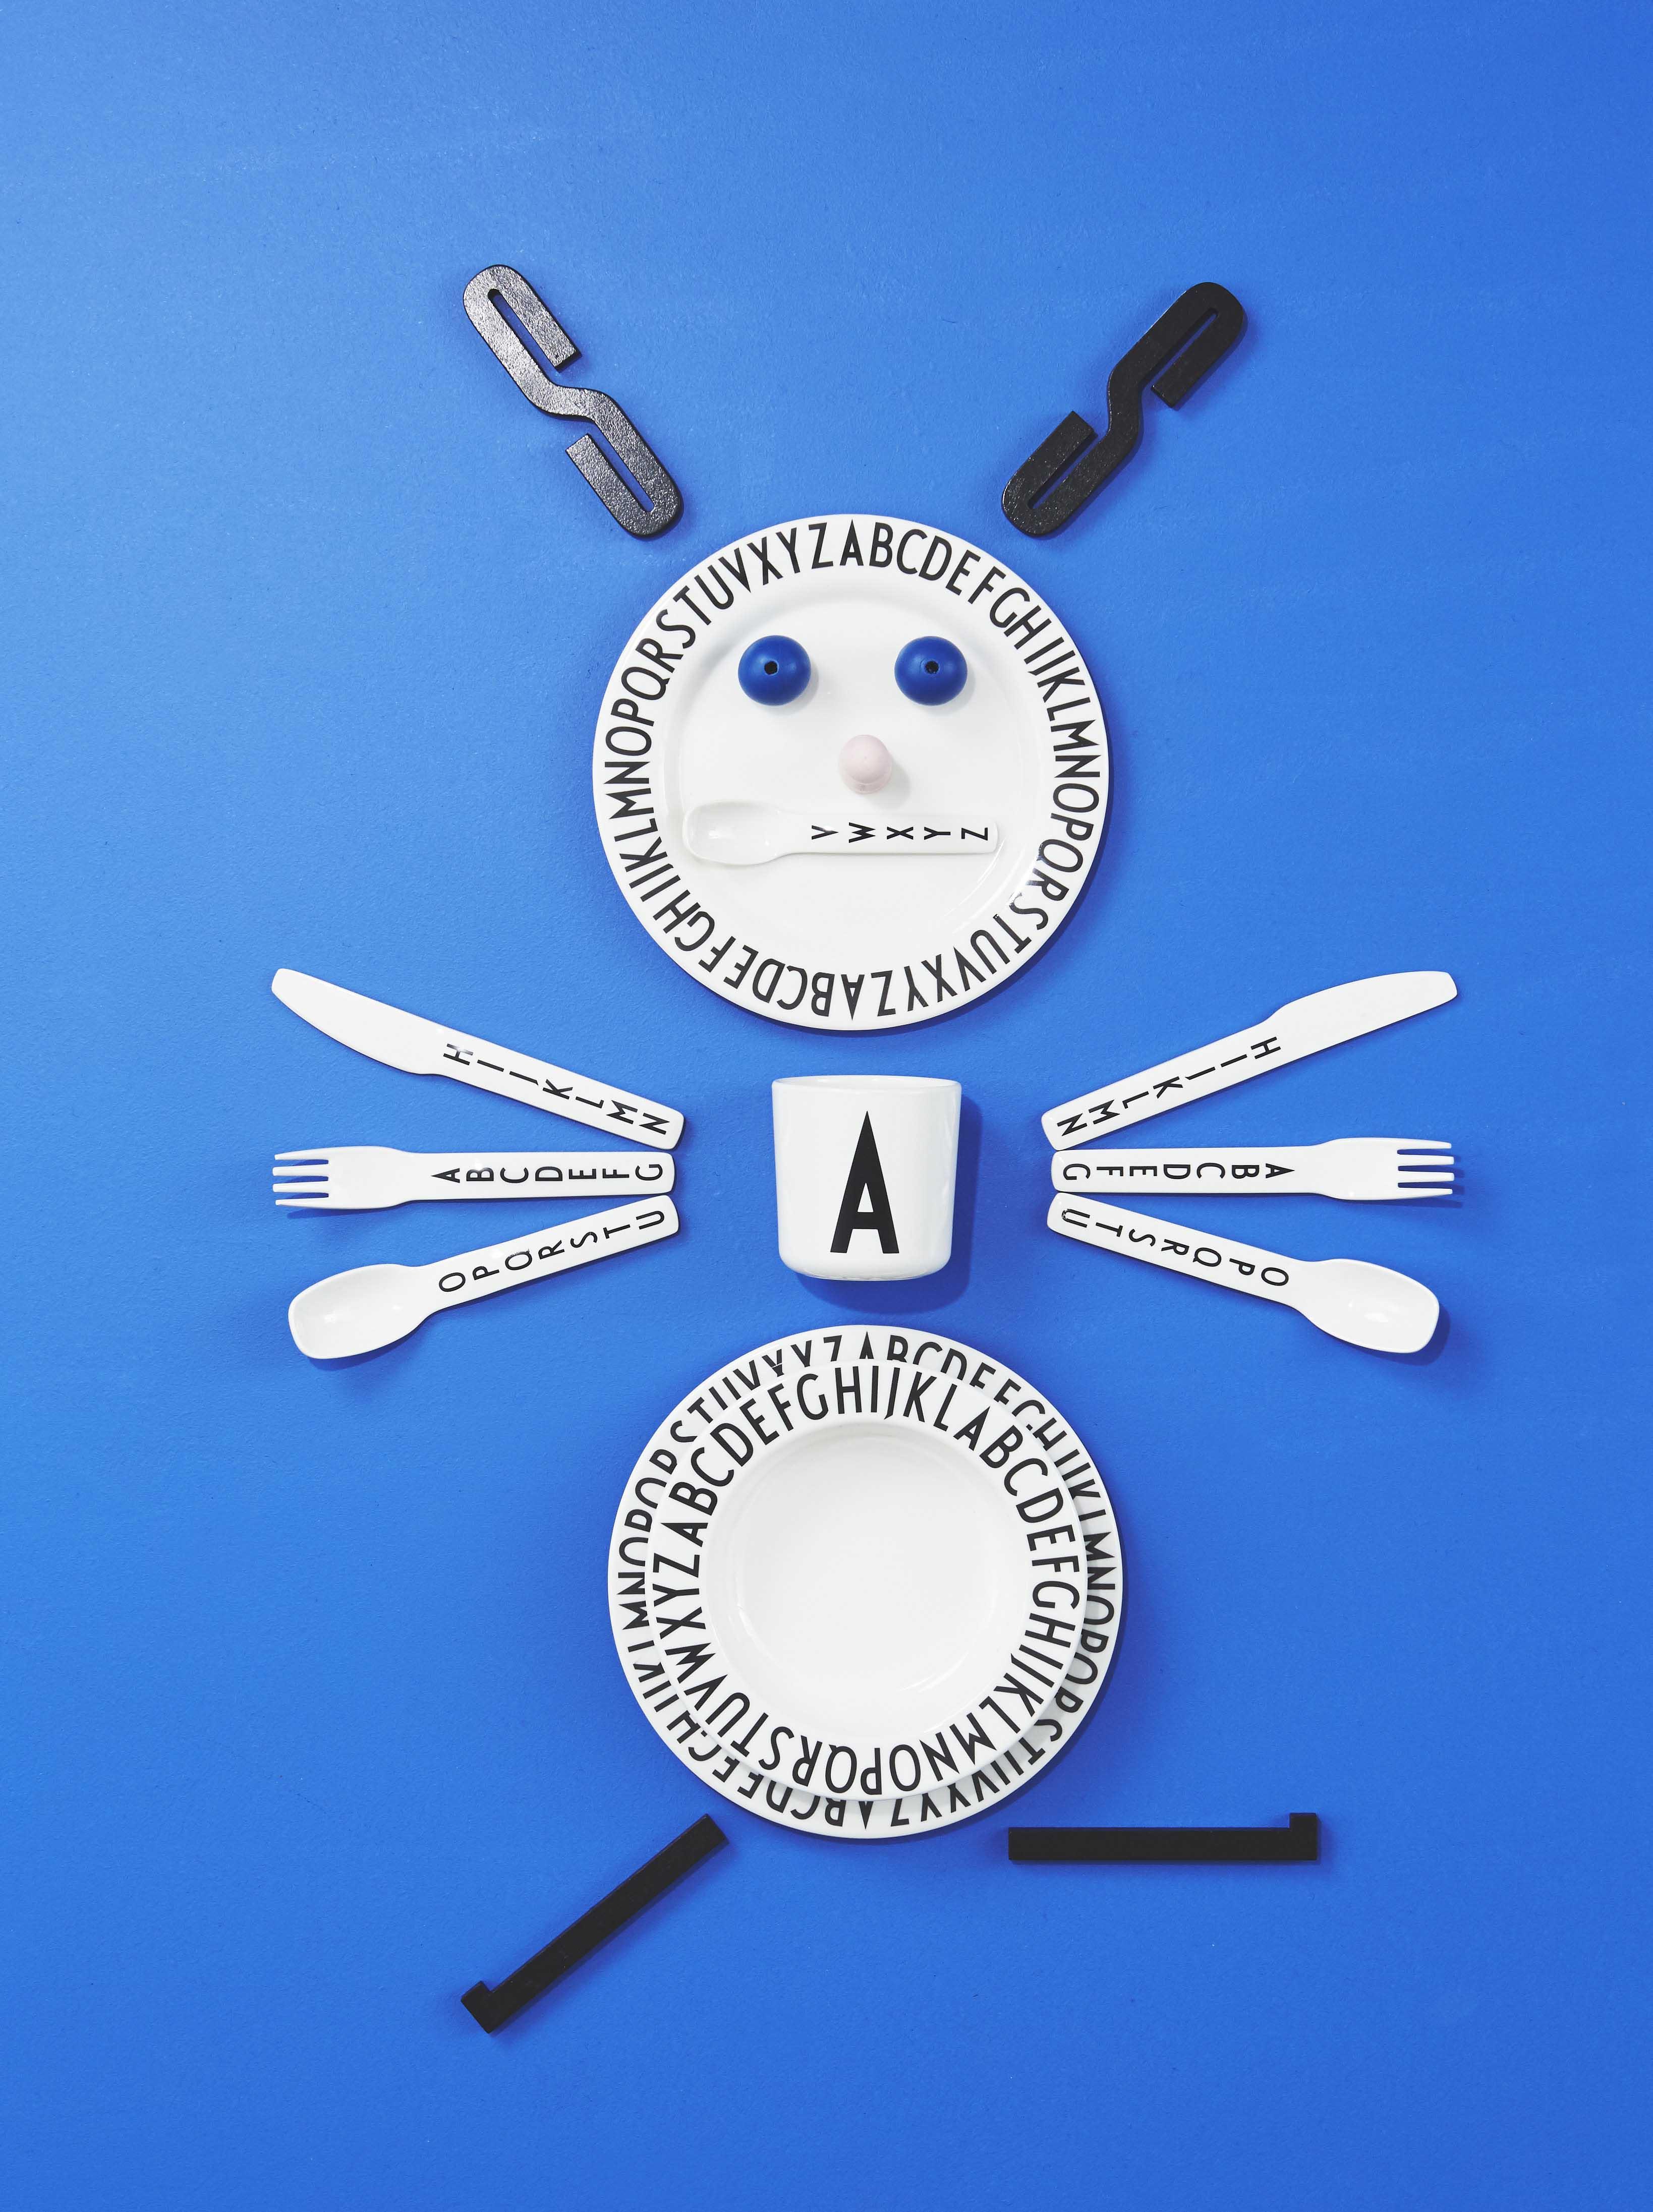 Melamine, Geschirr, Kindergeschirr, Löffel, Gabel, Teller, Becher, Messer, Buchstaben, Dänisch, Dänemarken,